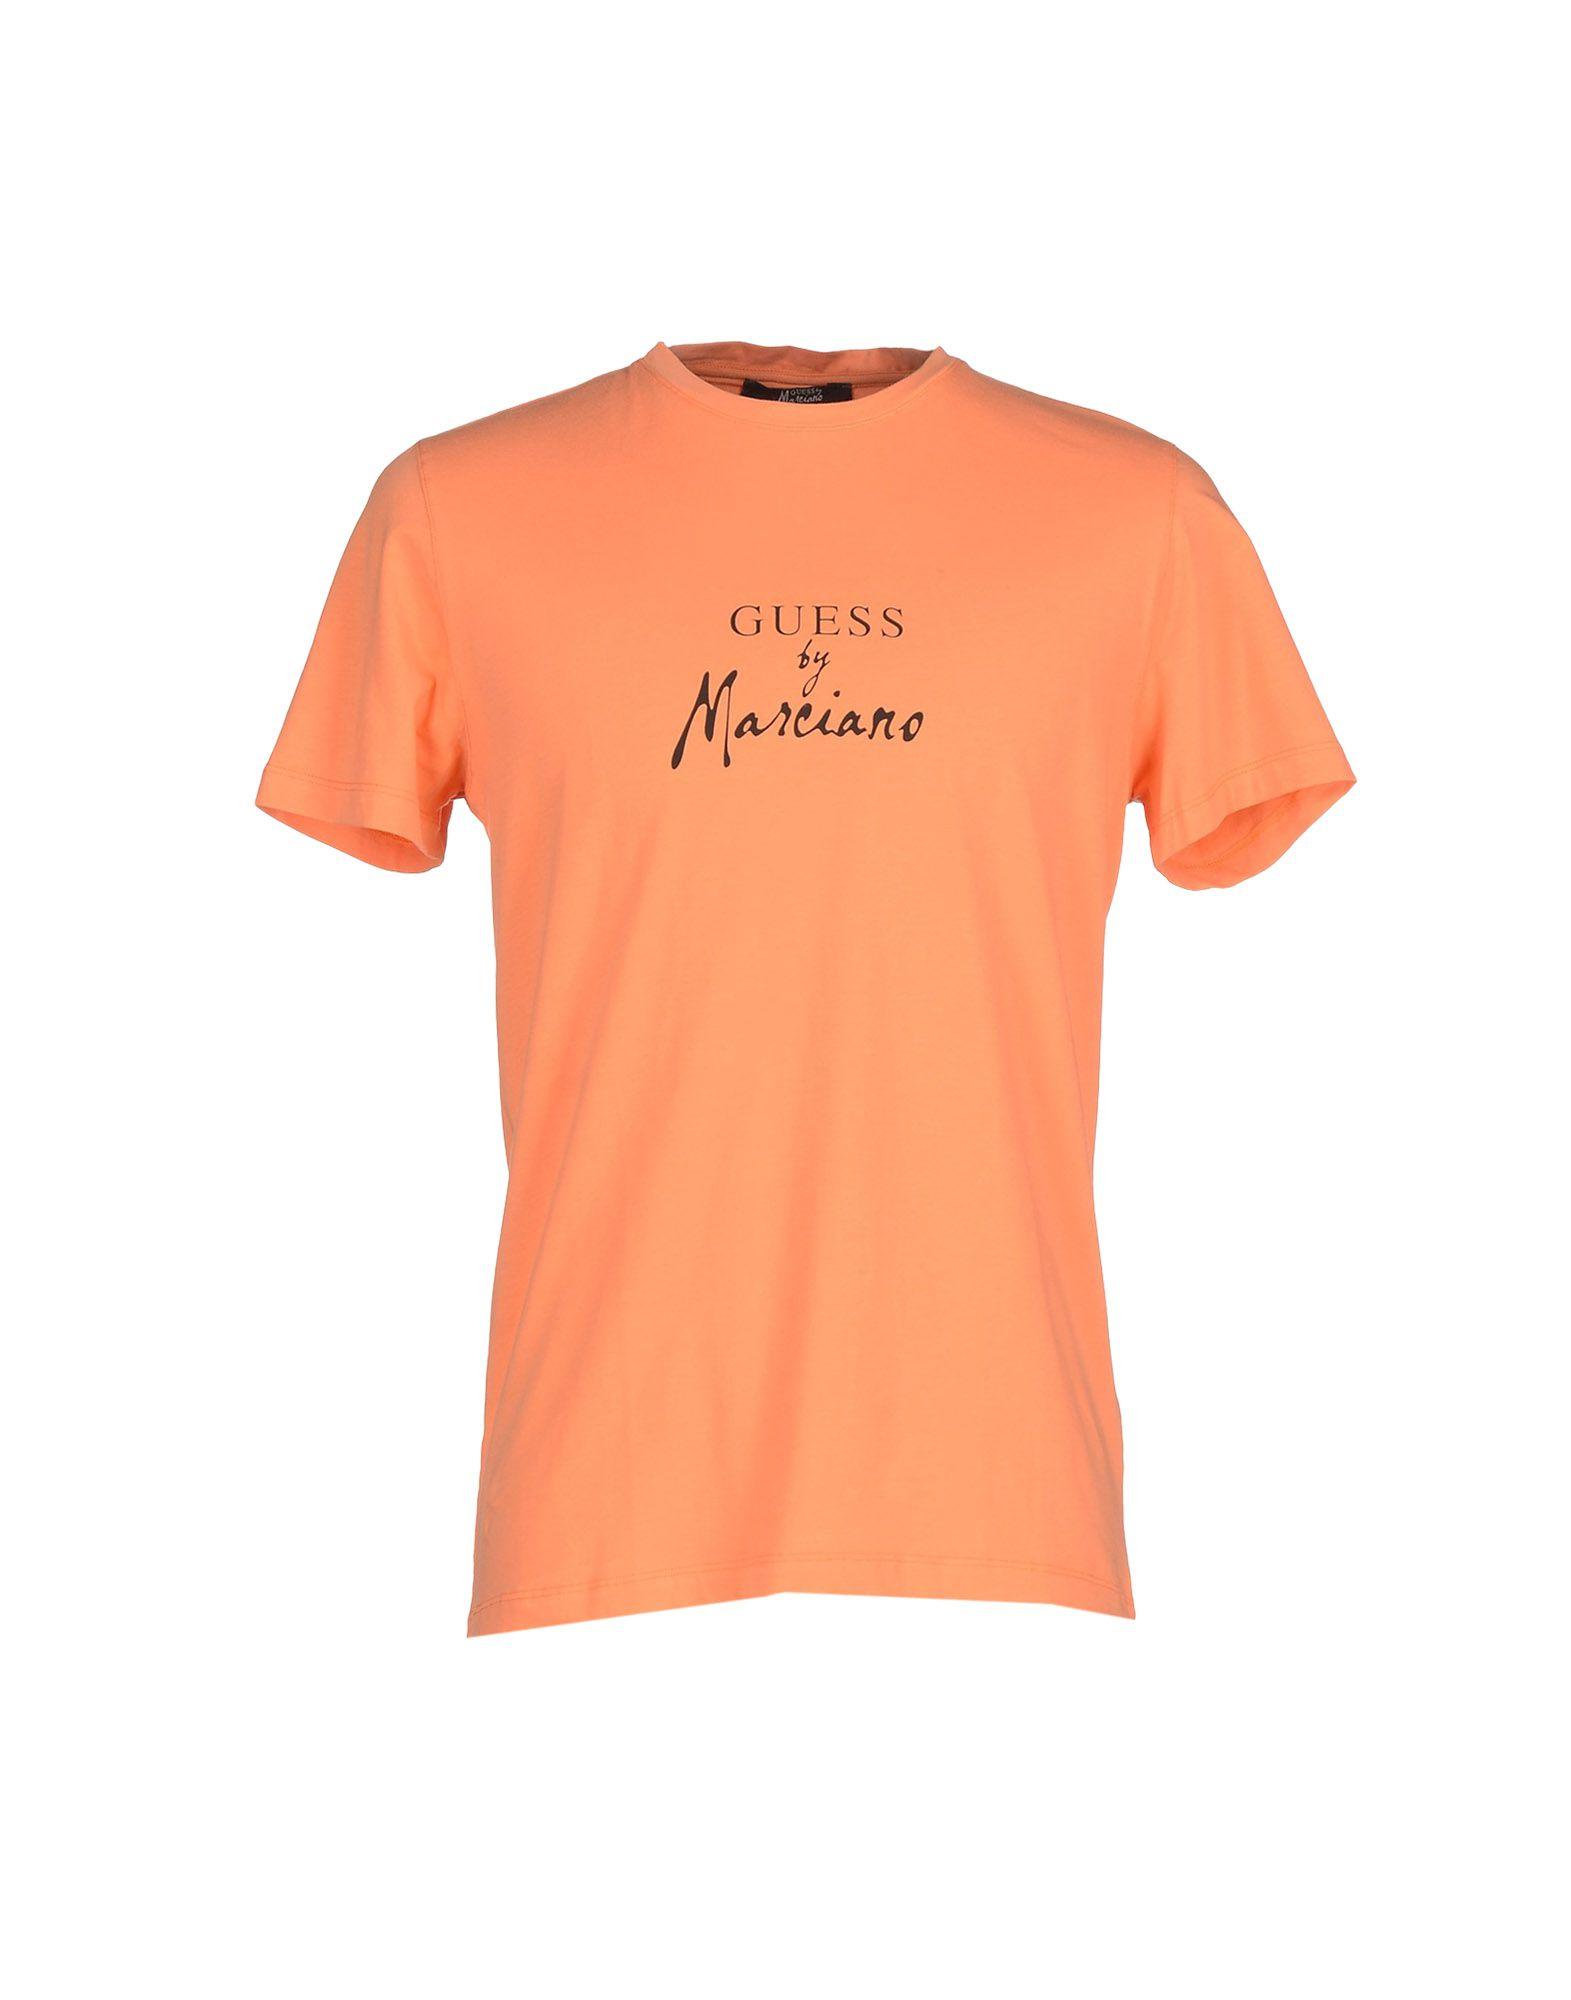 lyst guess t shirt in orange for men. Black Bedroom Furniture Sets. Home Design Ideas